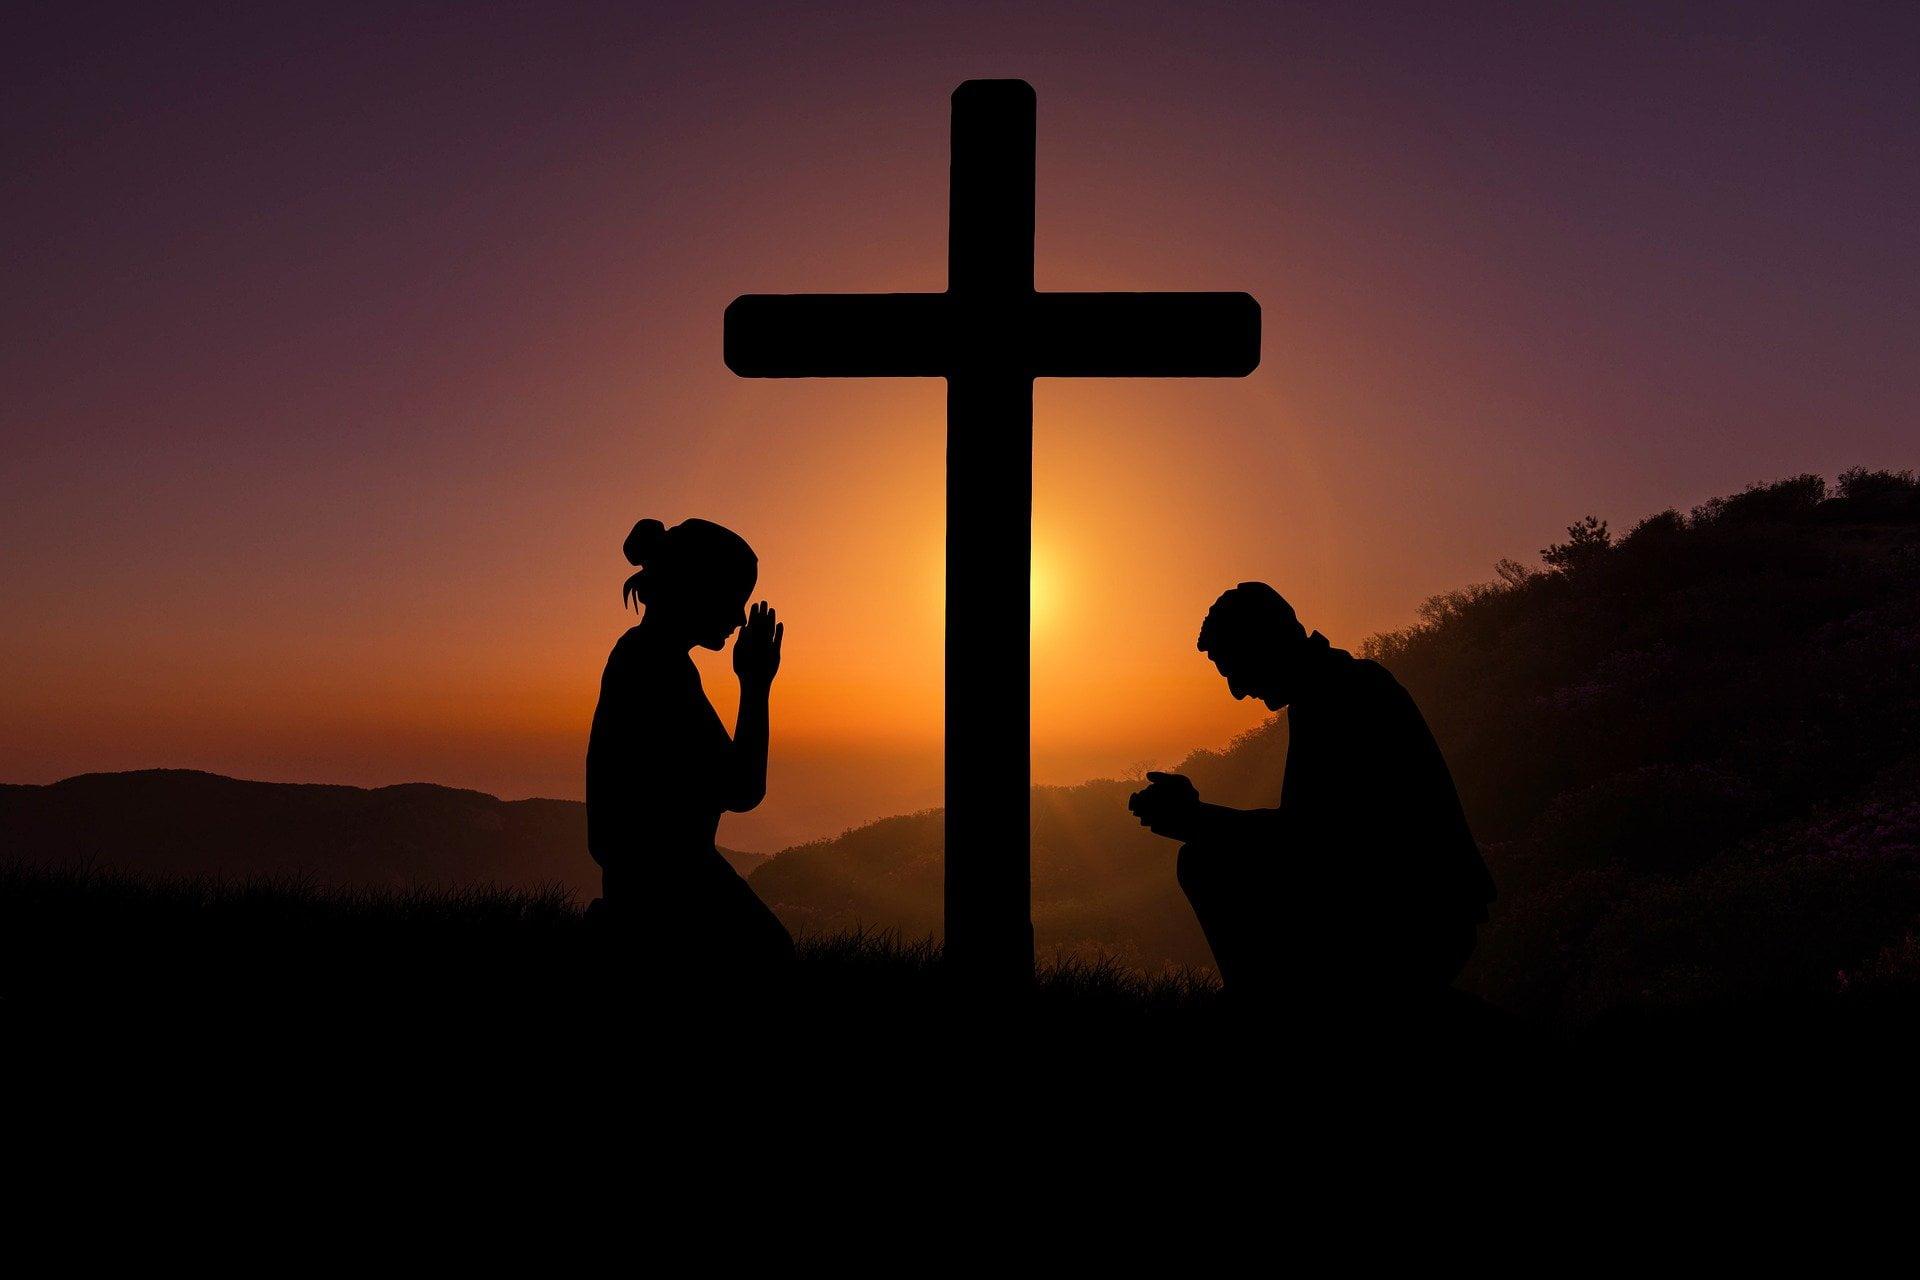 artigo cruz de cristo ação bíblica